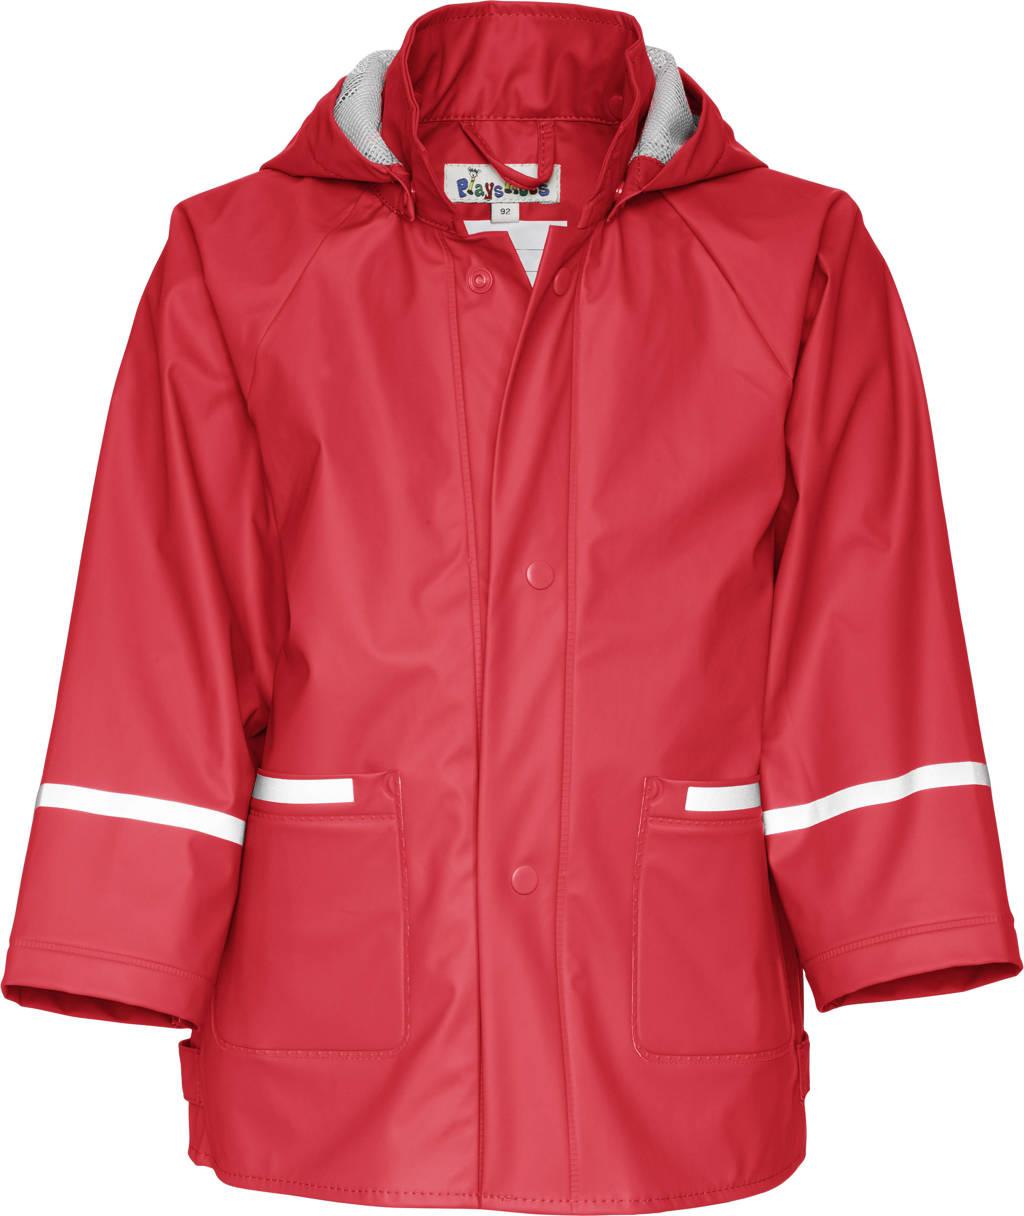 Playshoes regenjas rood, Rood